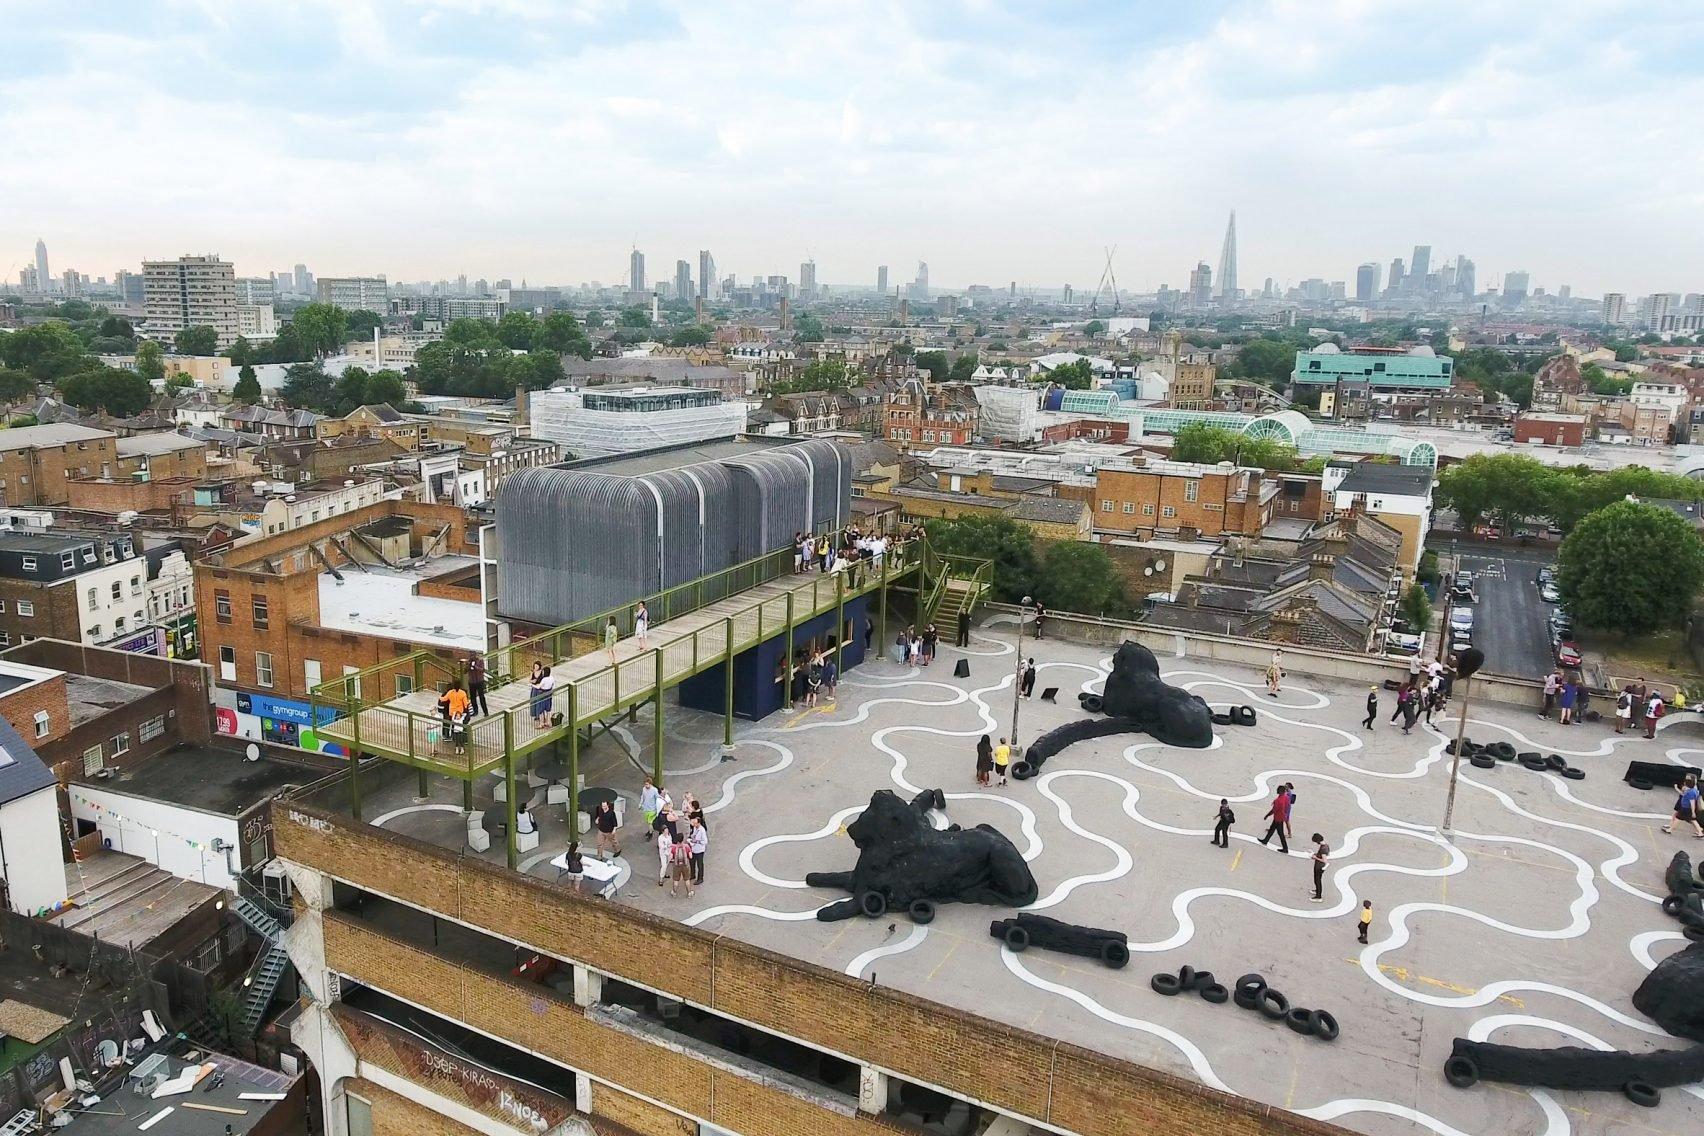 'เพื่อคน เพื่อเมือง เพื่อวัฒนธรรม' การเปลี่ยนผ่านของตึกจอดรถเก่าในมหานครลอนดอน